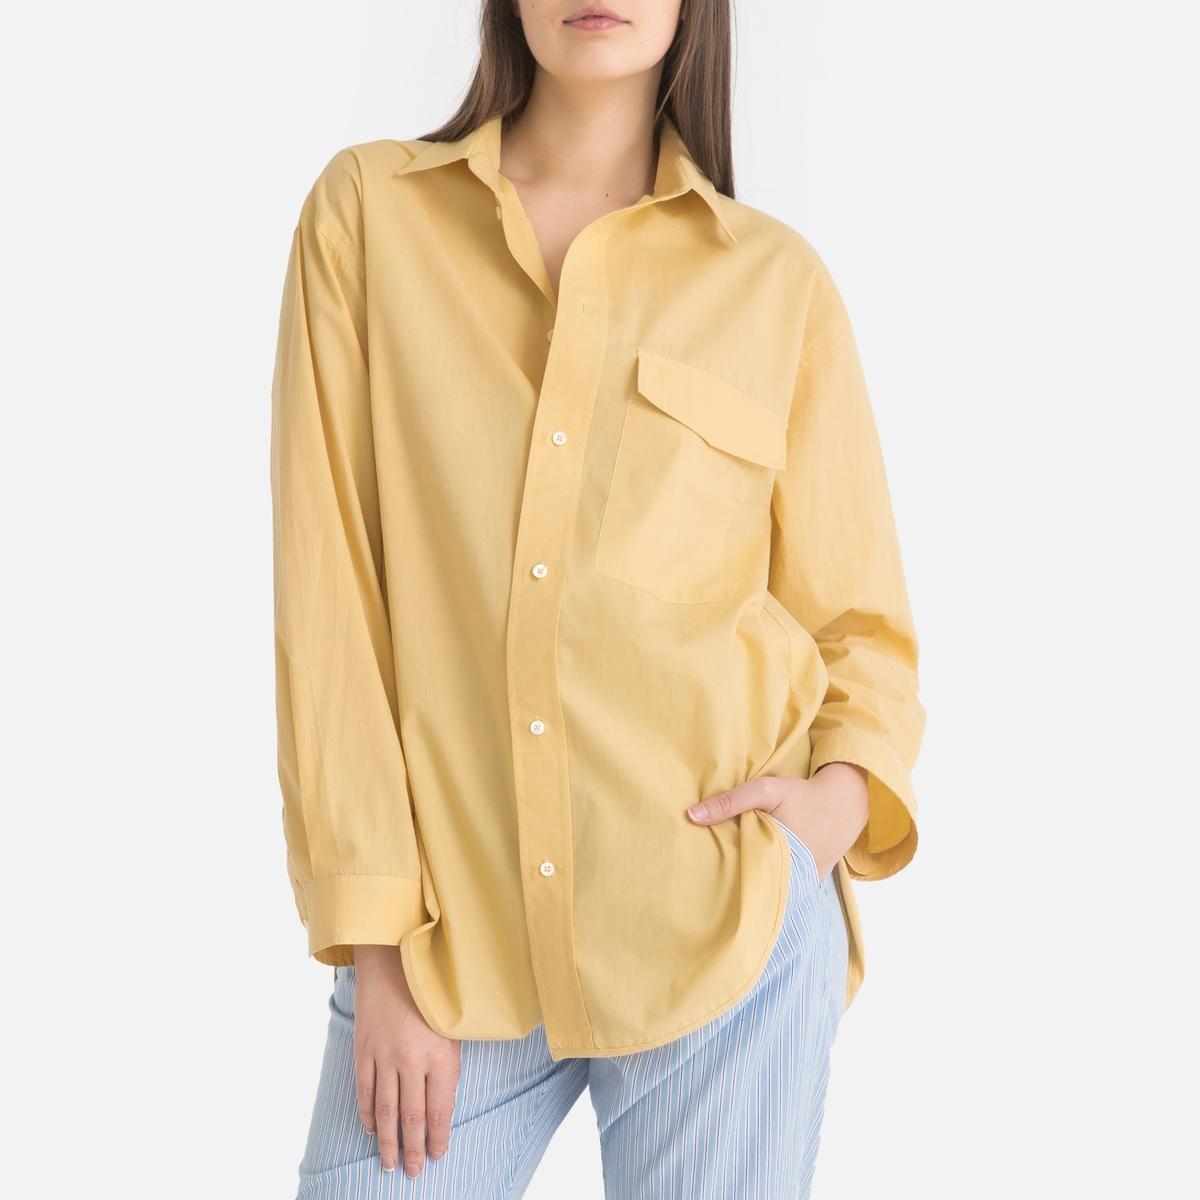 Блузка La Redoute Свободного покроя с длинными рукавами 2(M) желтый